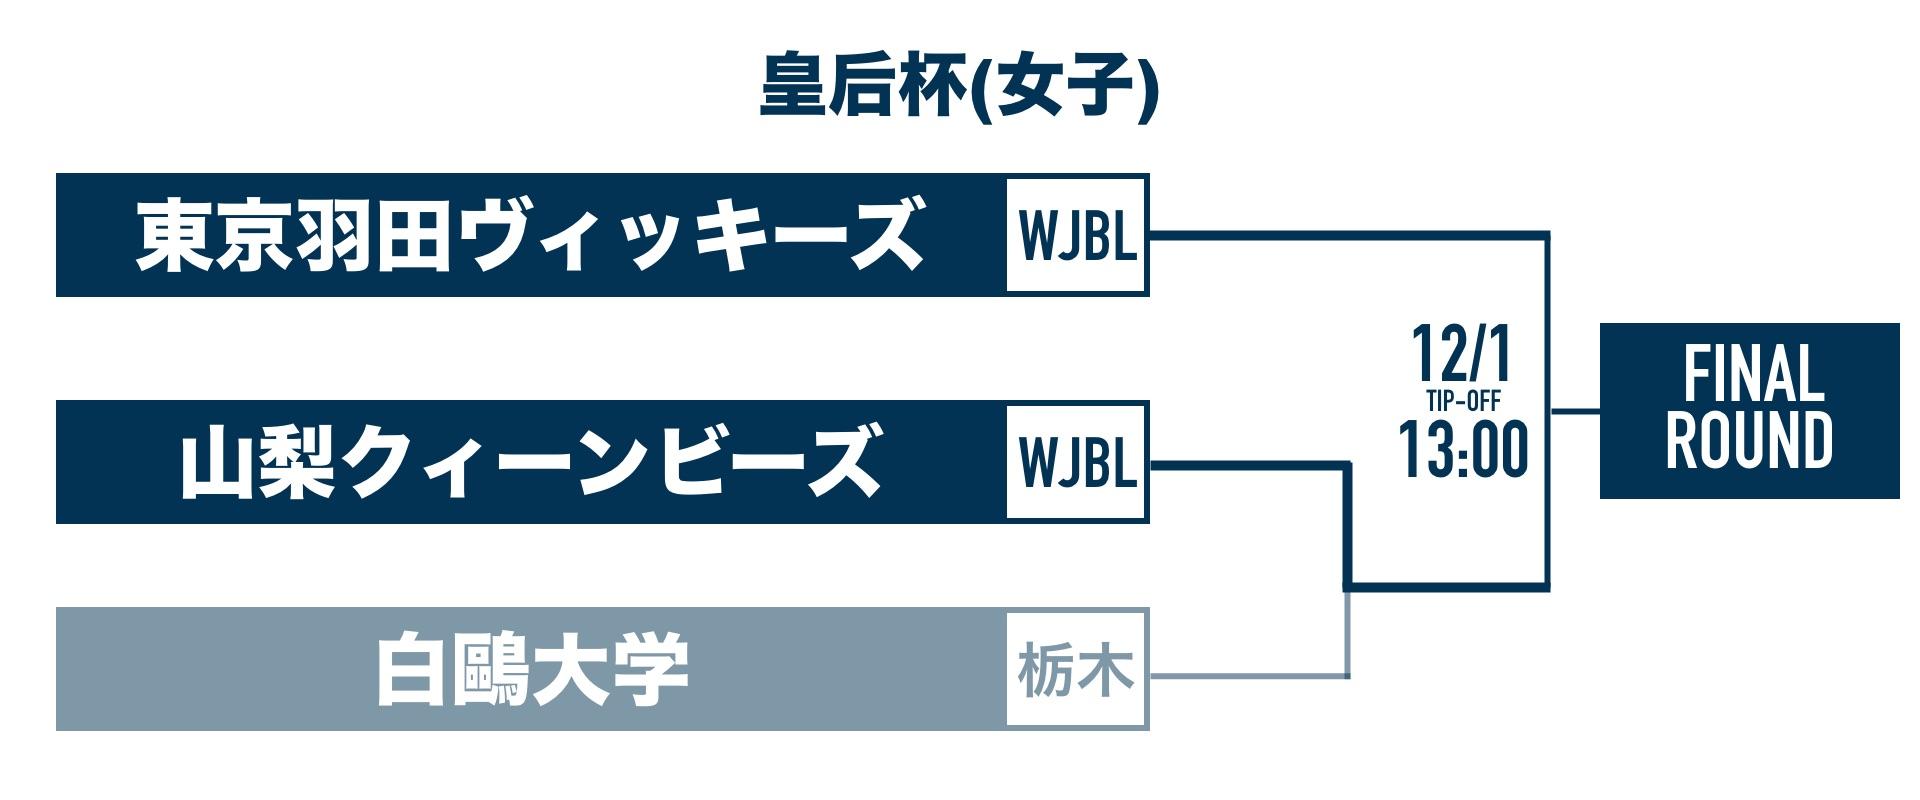 2次ラウンド 女子 トーナメント表